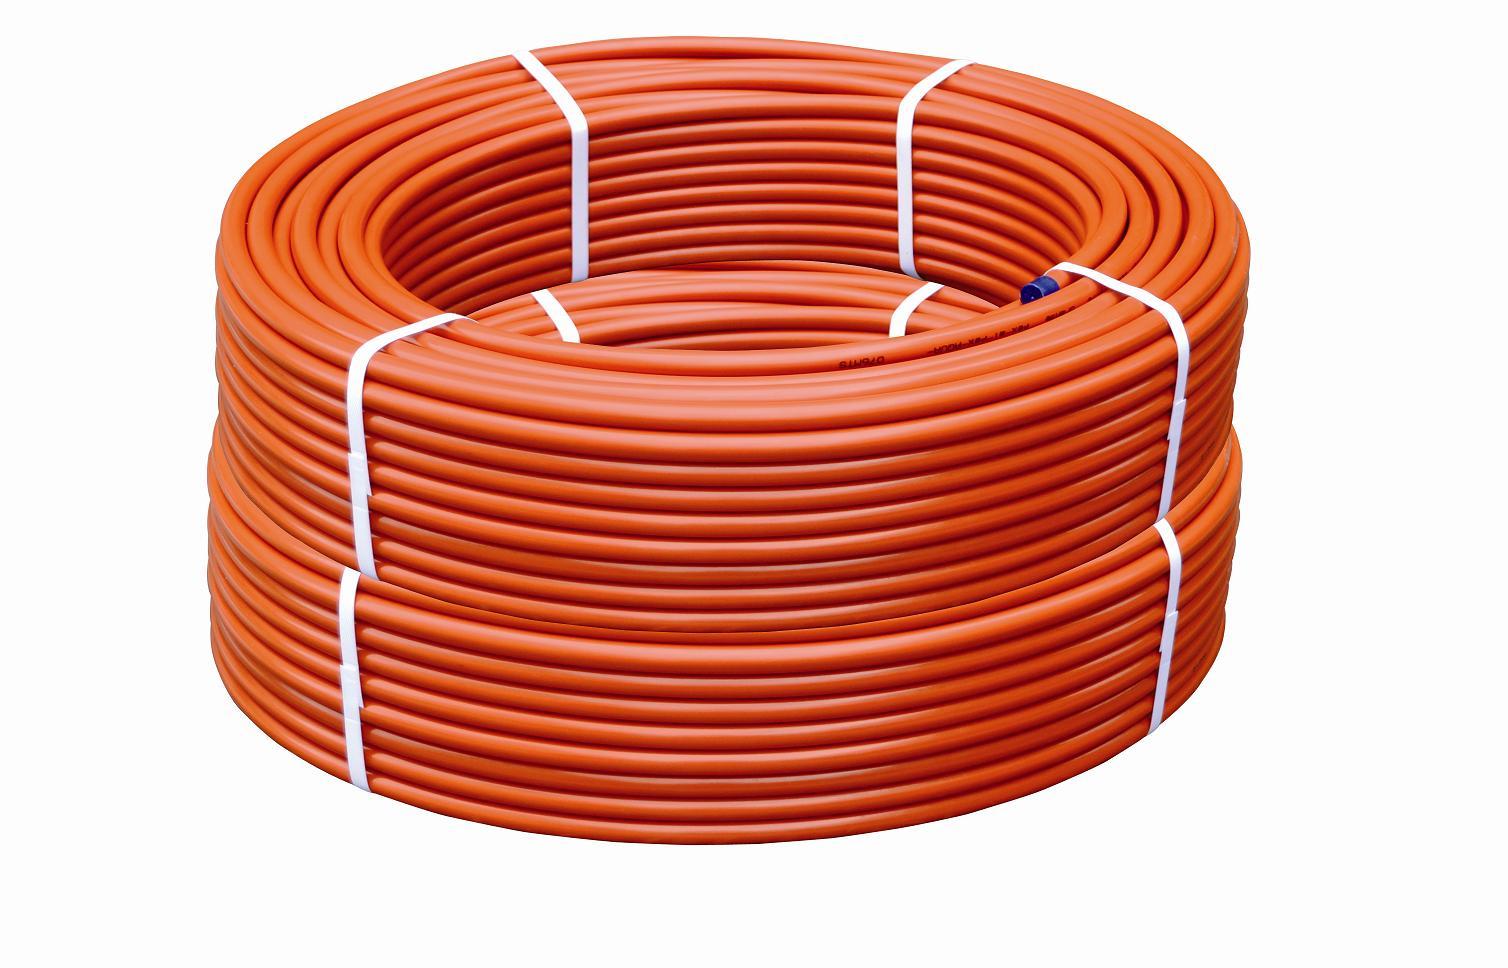 ktm-red-laser-pex-al-pex-hdpe-pipe-aluminium-plastic-hot-water-pipe.jpg